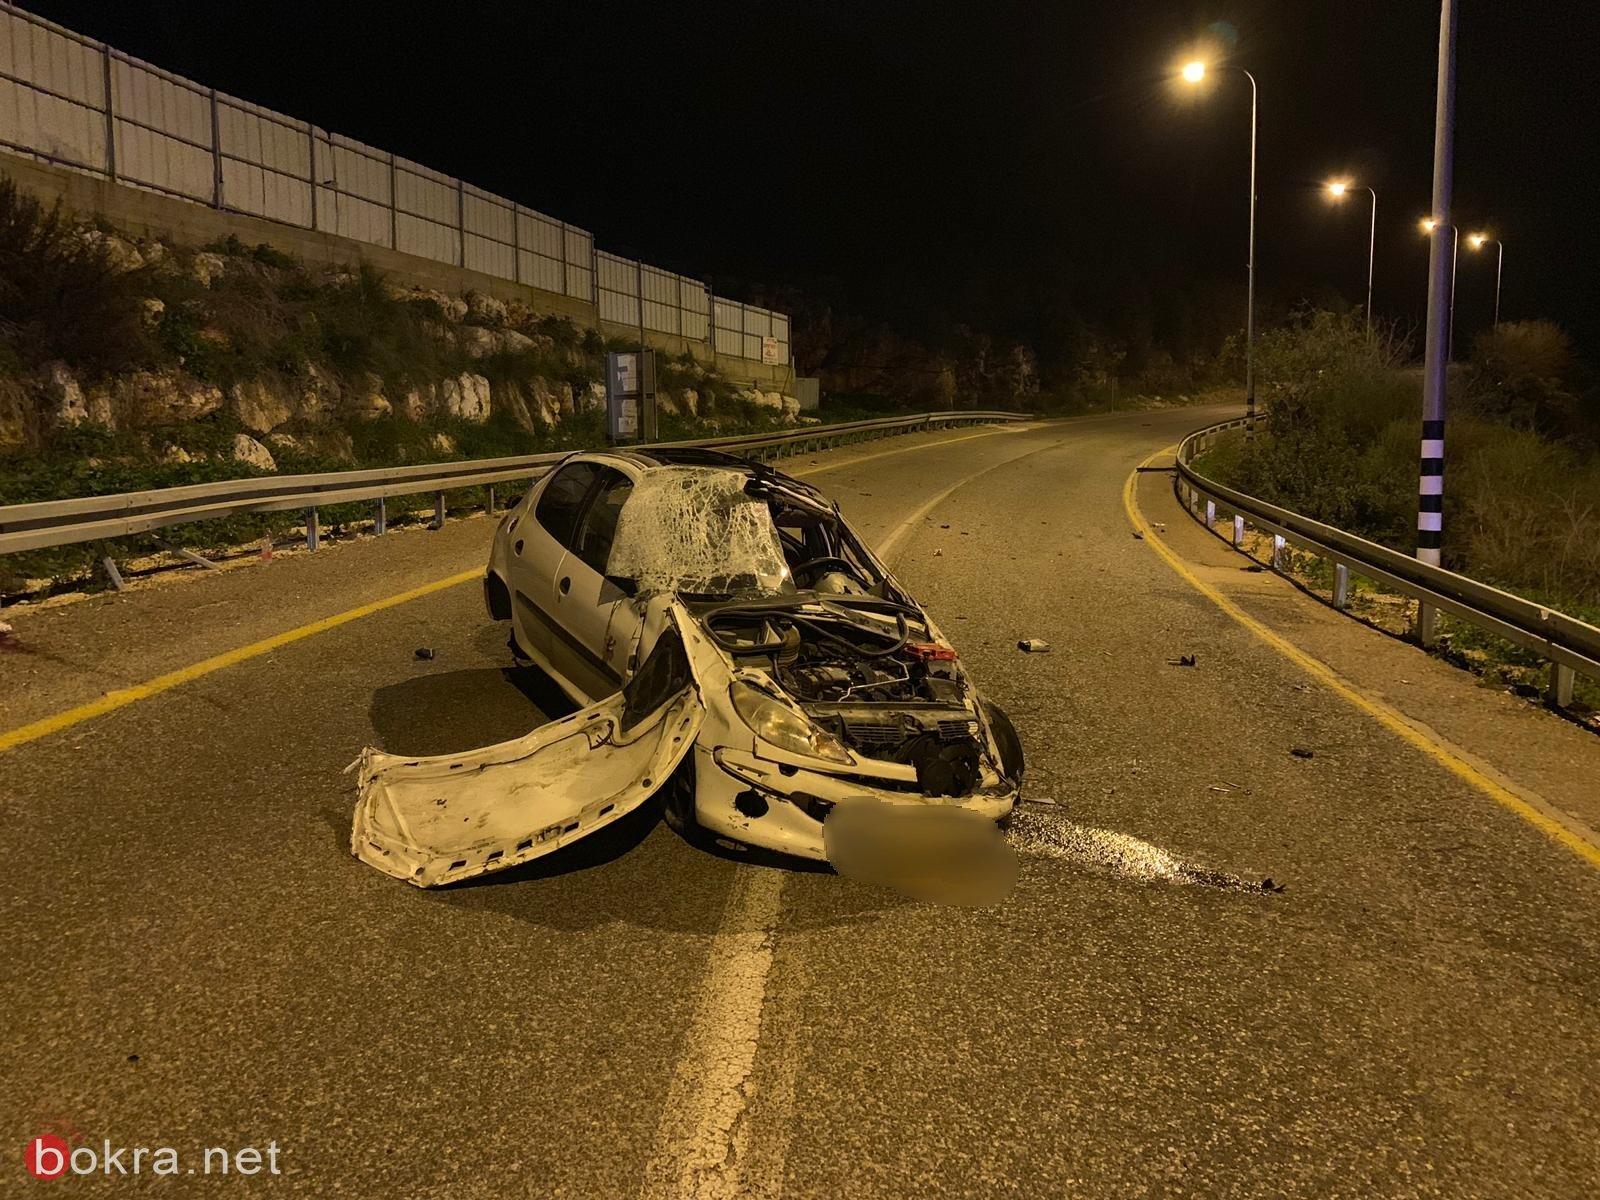 حادث طرق قرب يركا يسفر عن مصرع شاب واصابة  آخرين